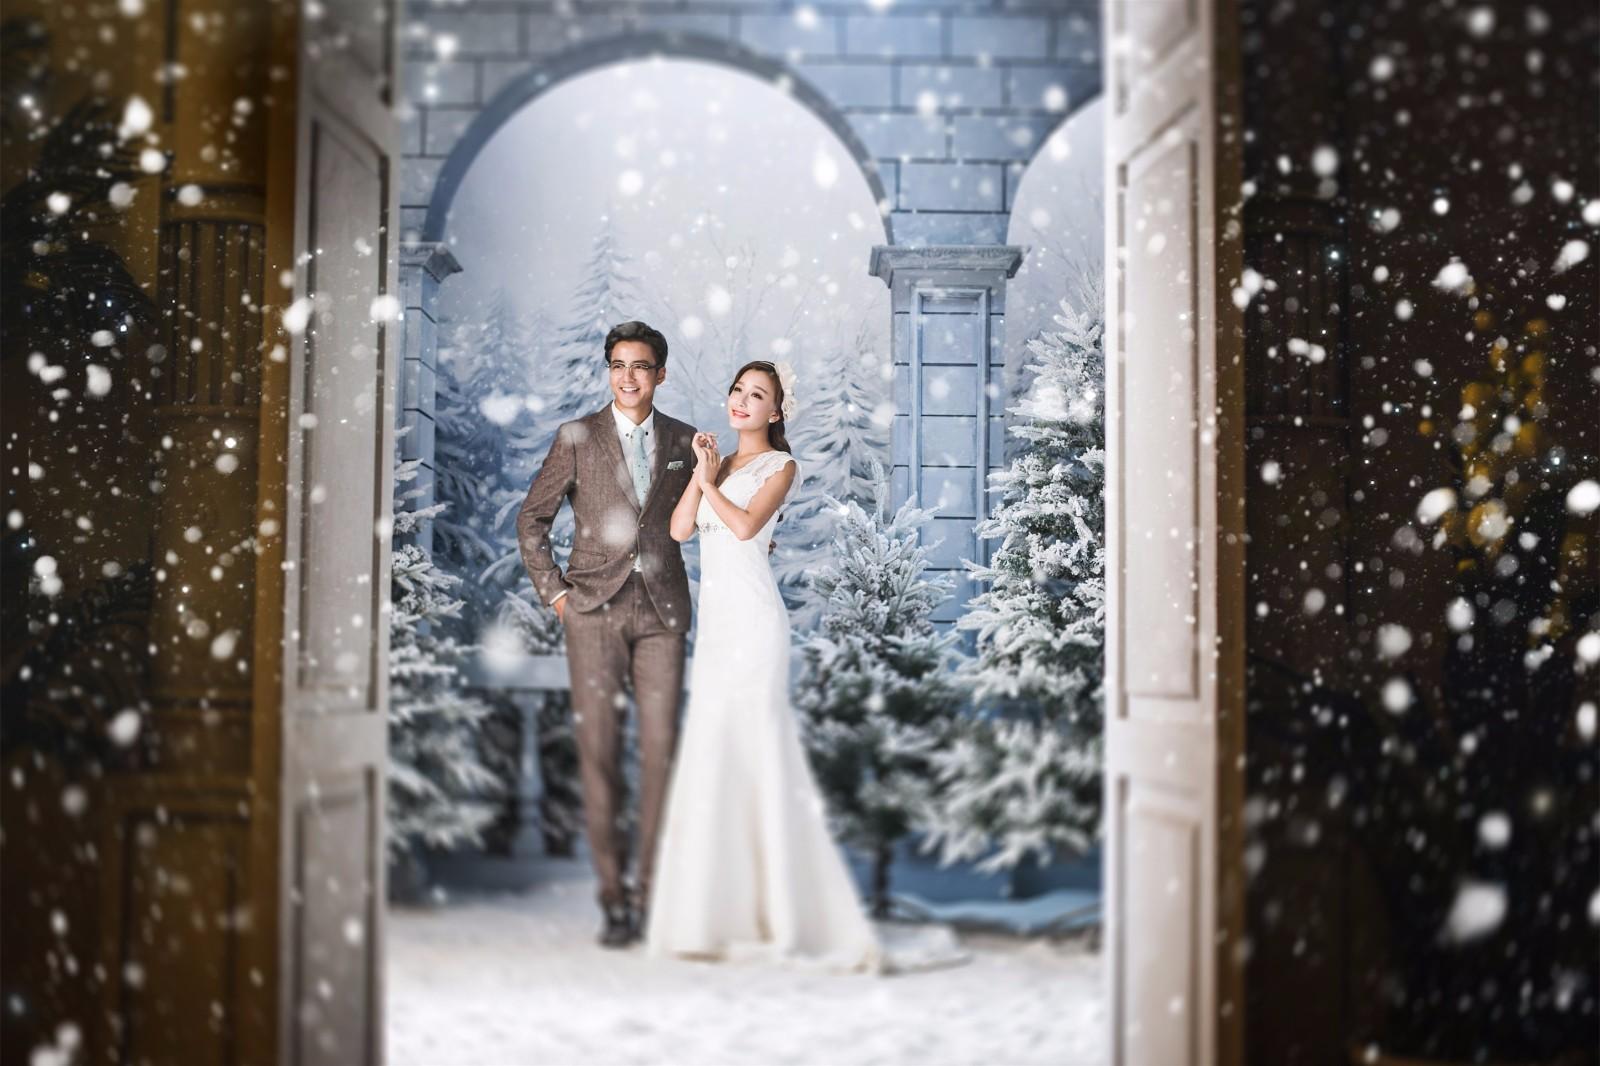 什么季节拍婚纱照最好,当然是夏季了